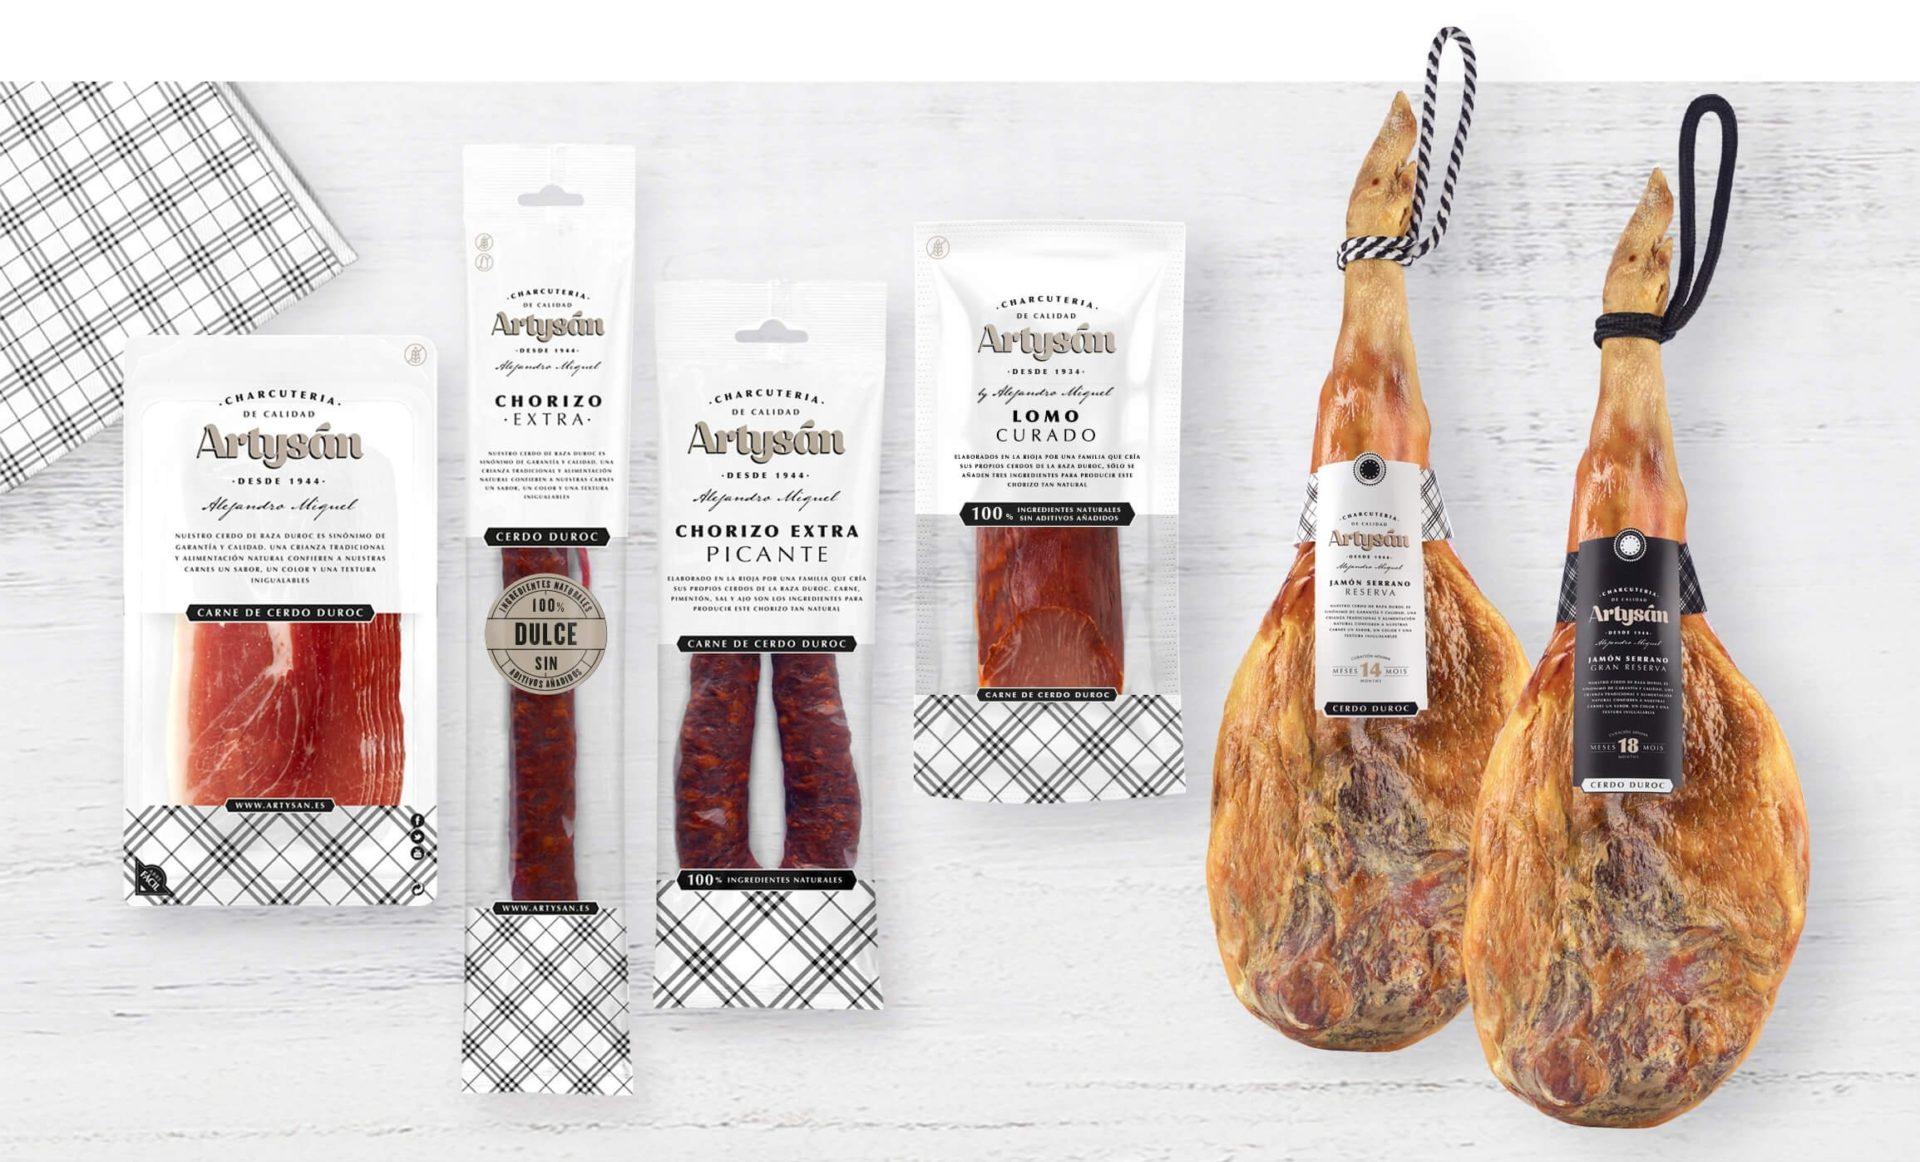 diseño-packaging-alimentacion-surtido-embutidos-curados-artysan